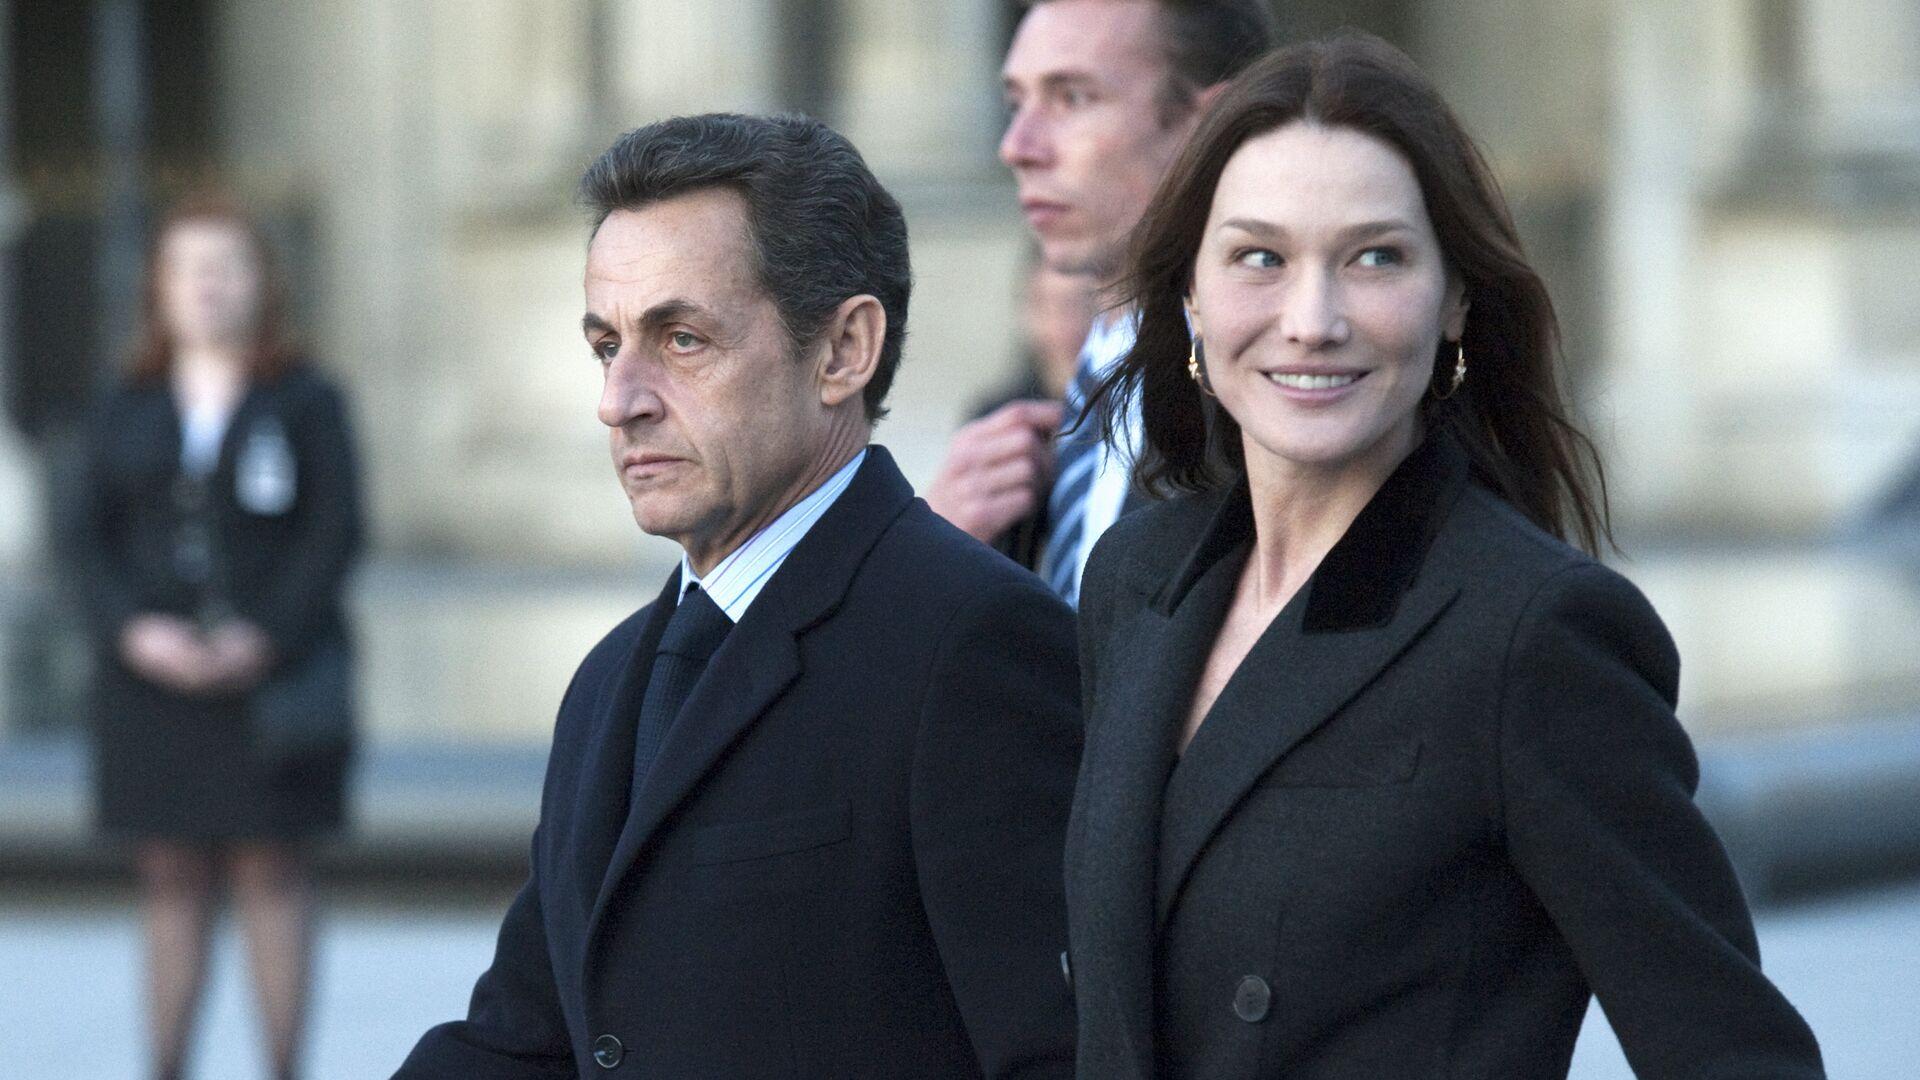 Президент Франции Николя Саркози с супругой Карлой Бруни-Саркози у Лувра на улице Парижа. 2 марта 2010 - РИА Новости, 1920, 01.03.2021